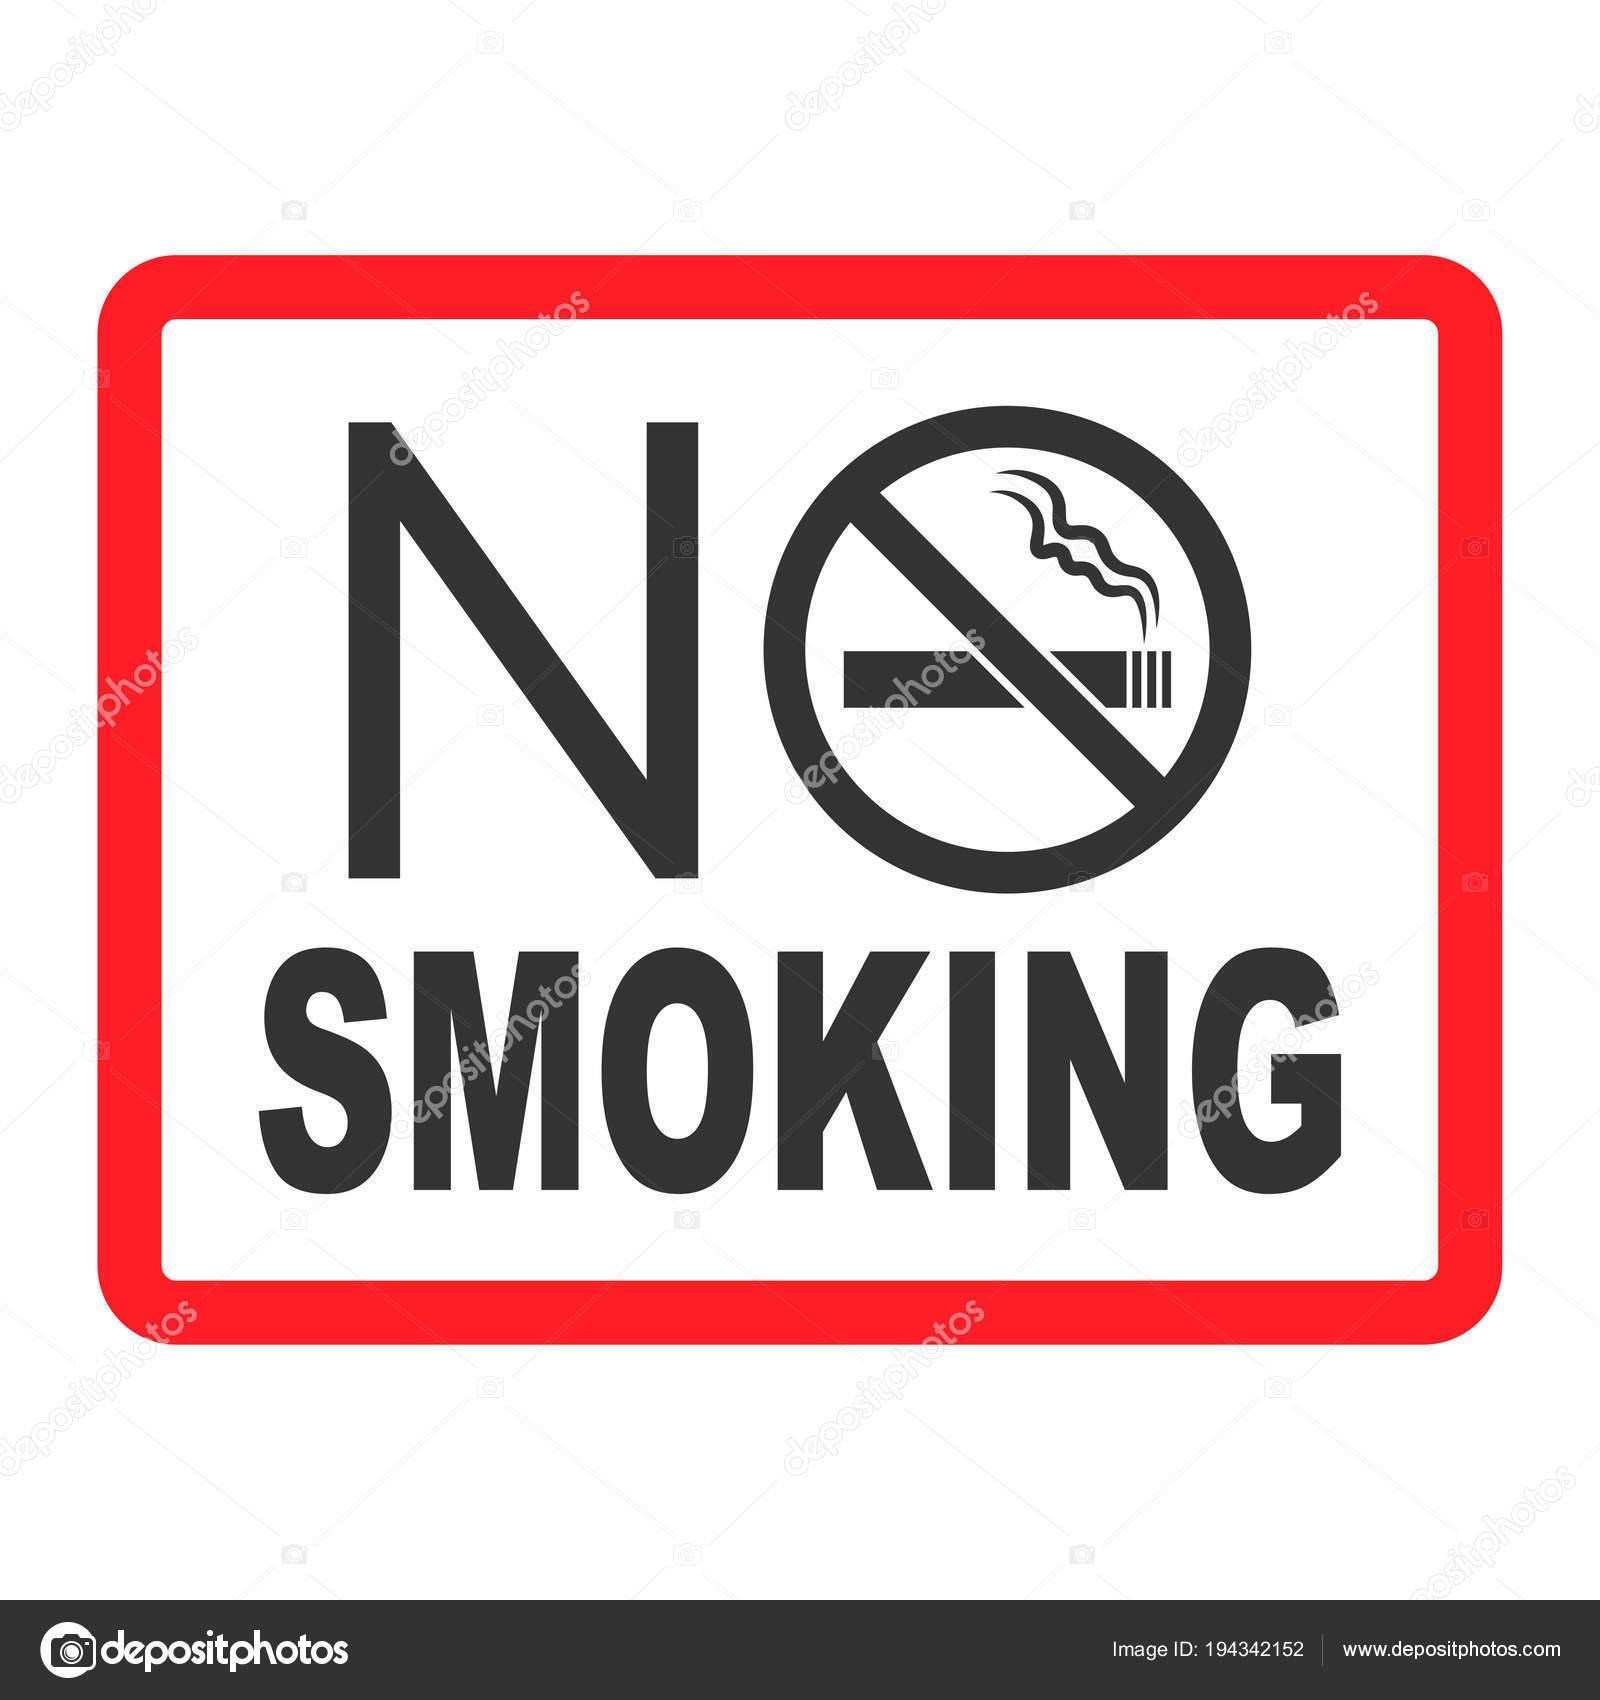 https://st3.depositphotos.com/10866344/19434/v/1600/depositphotos_194342152-stock-illustration-no-smoking-sign-no-smoke.jpg